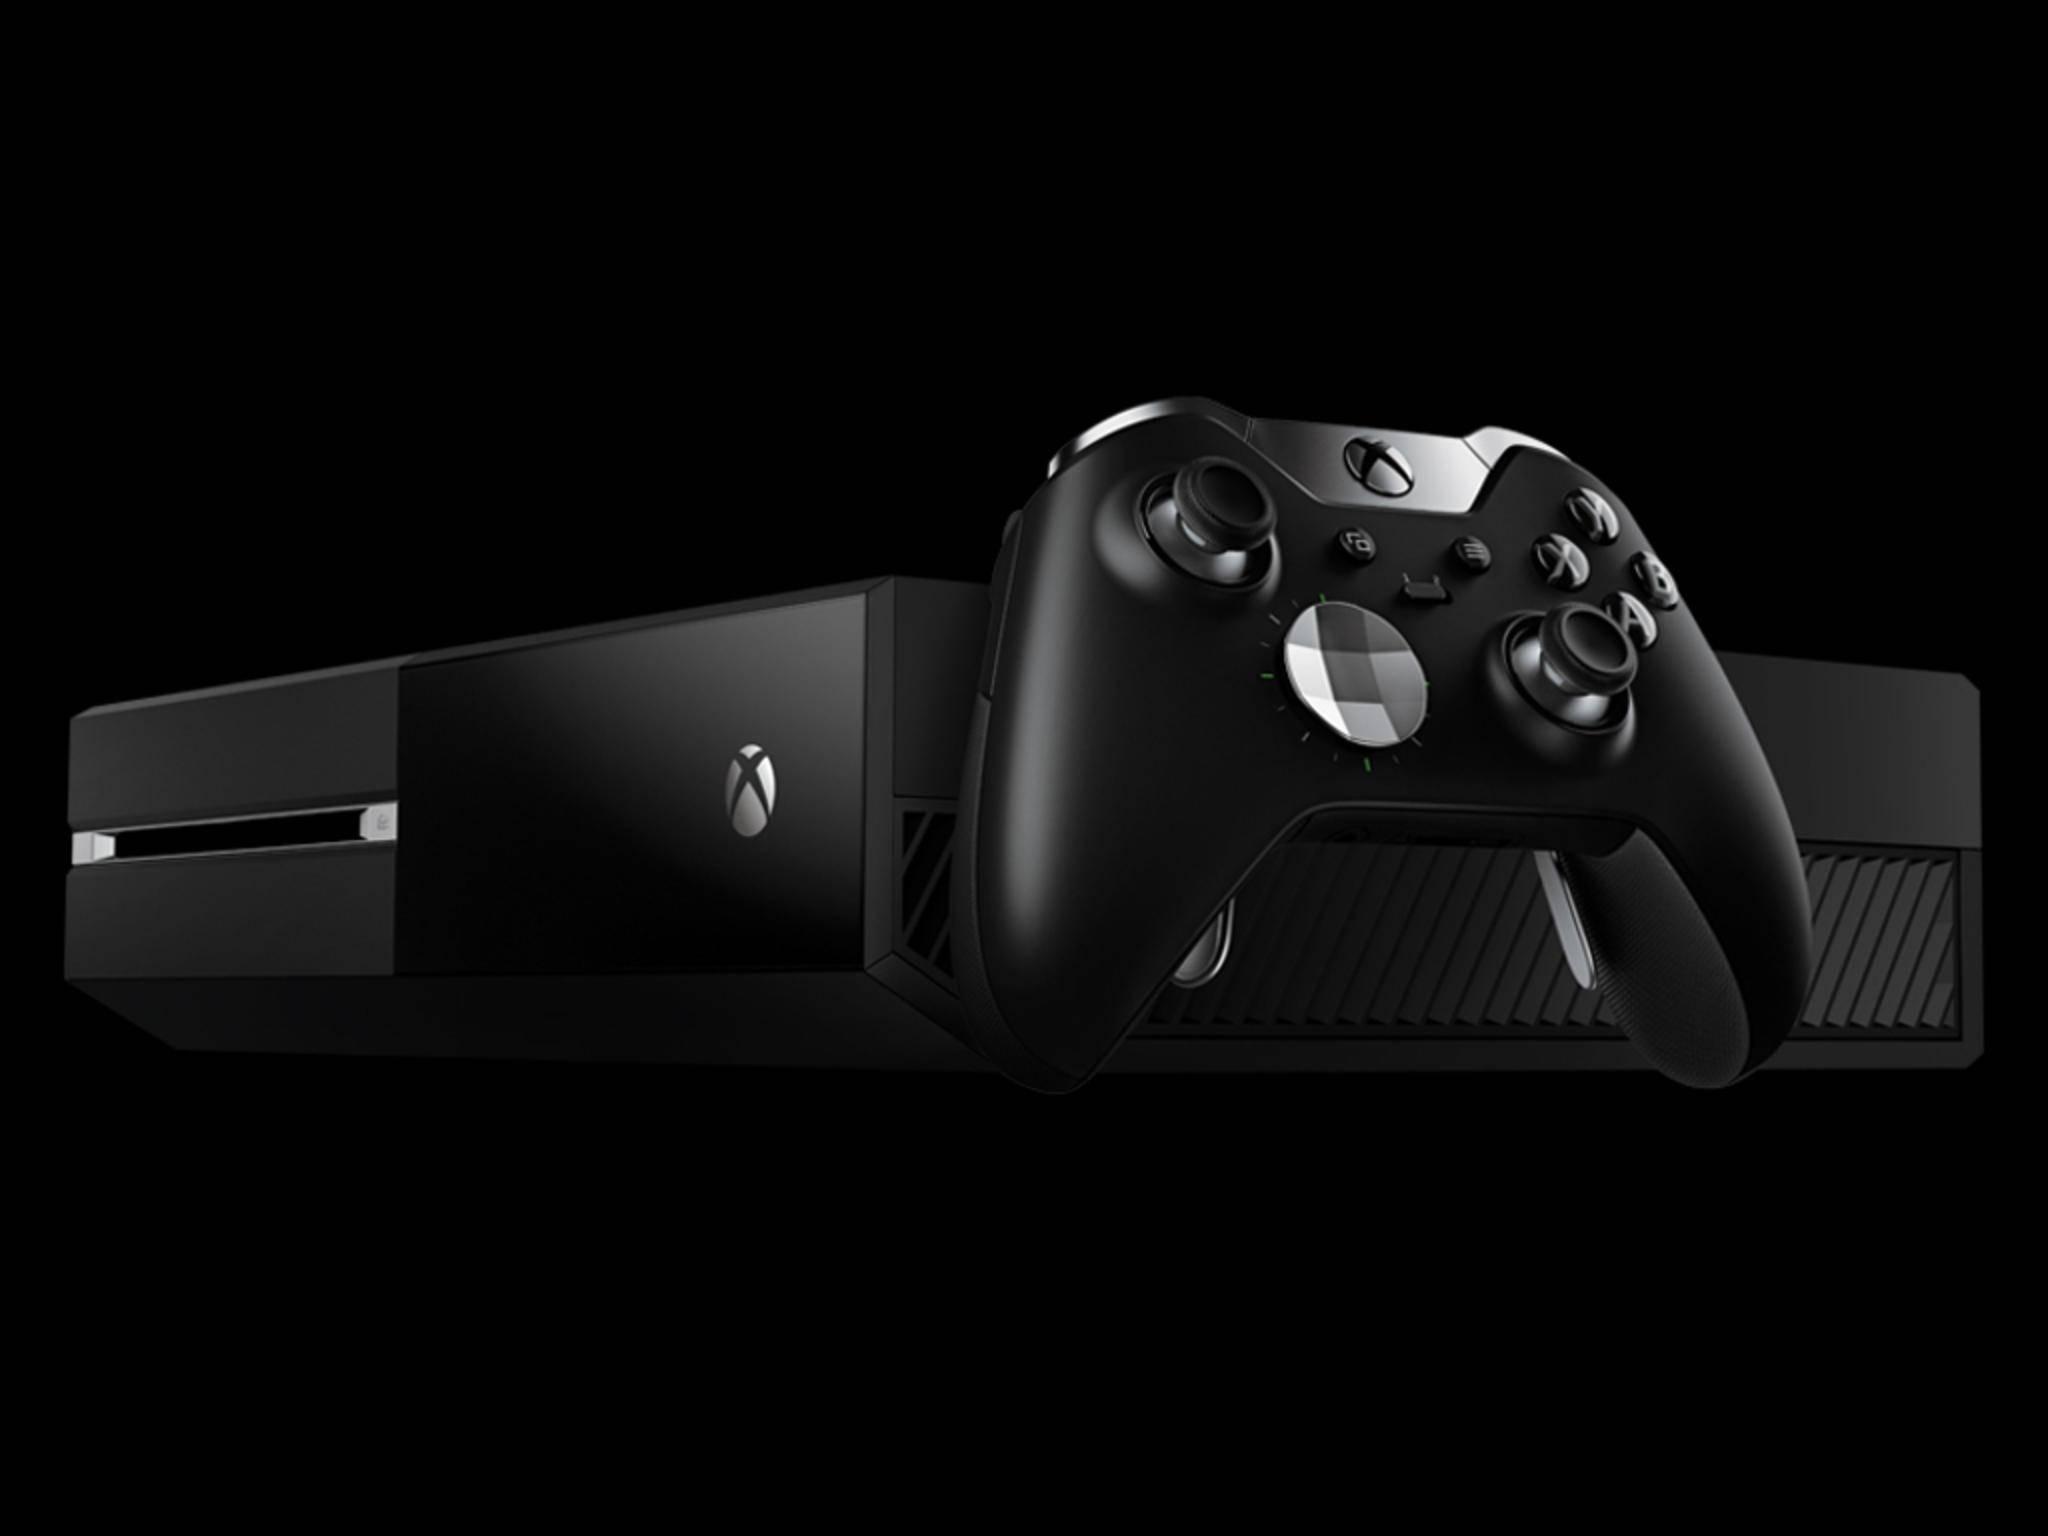 Die Xbox One bekommt ein neues Update mit zahlreiche Funktionen.